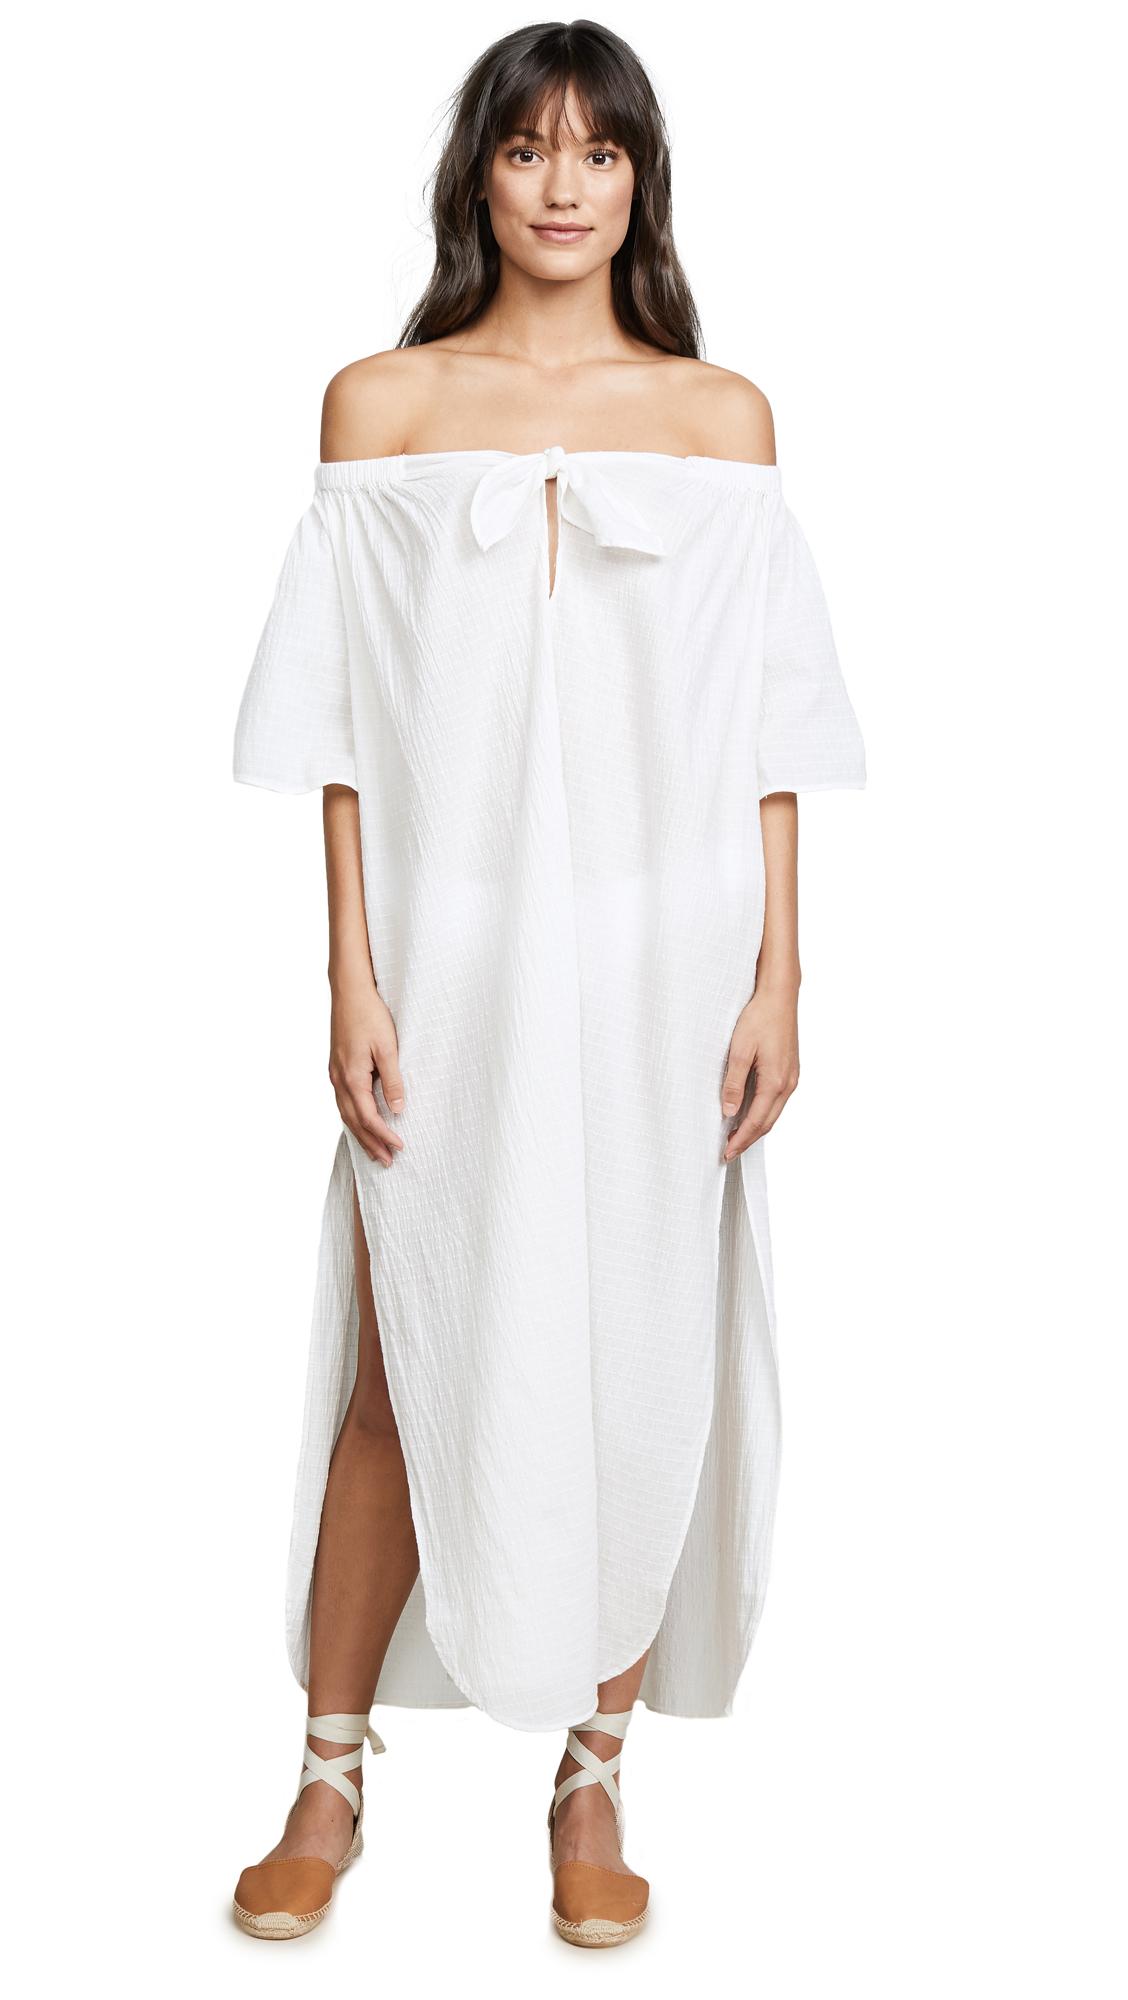 Mara Hoffman Ivory Kamala Dress